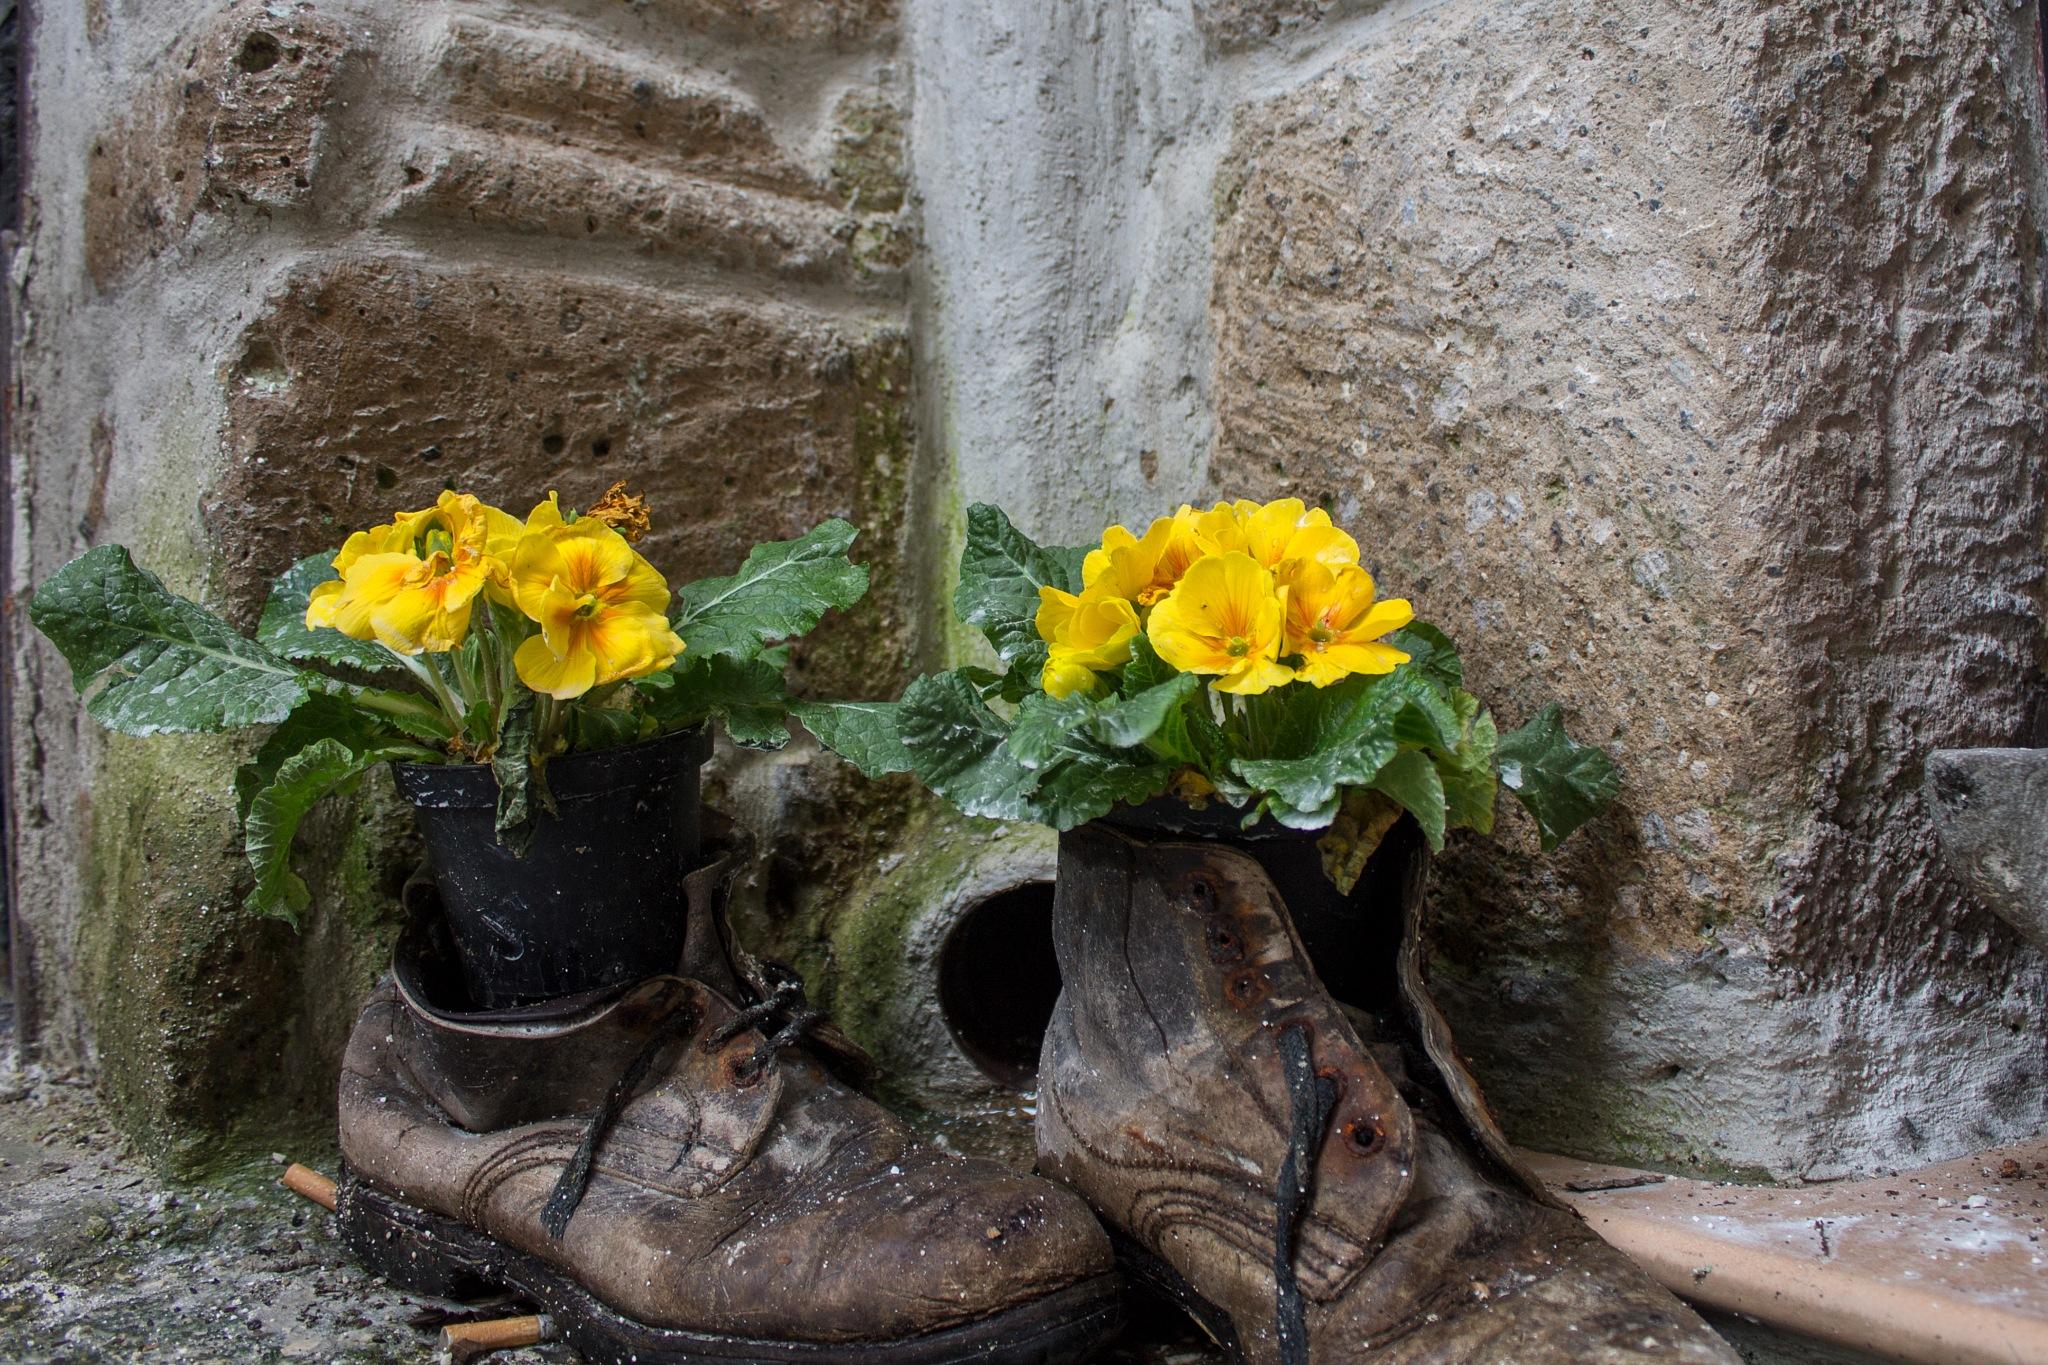 Primule & vecchi scarponi by Salvatore Bertolino